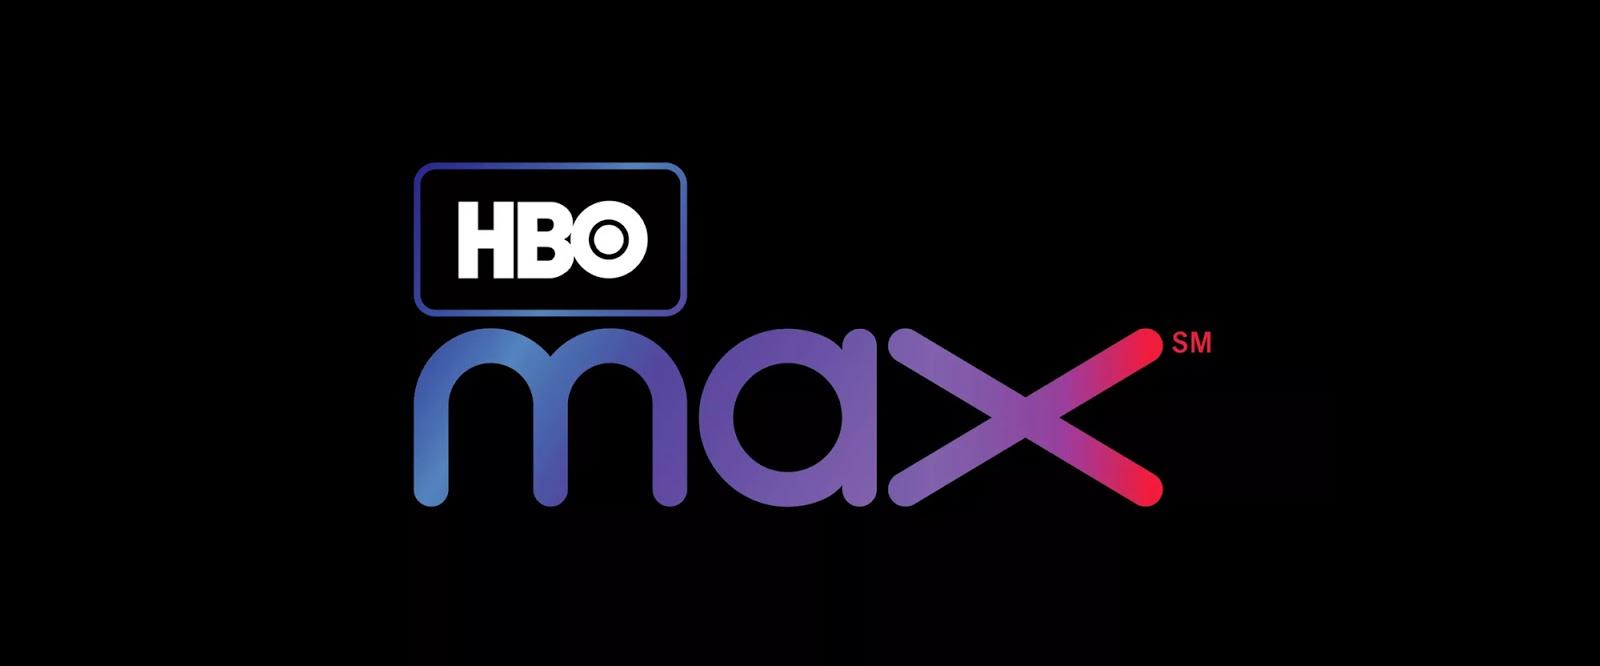 HBO Max - czy nadchodzi nowy lider rynku VOD?